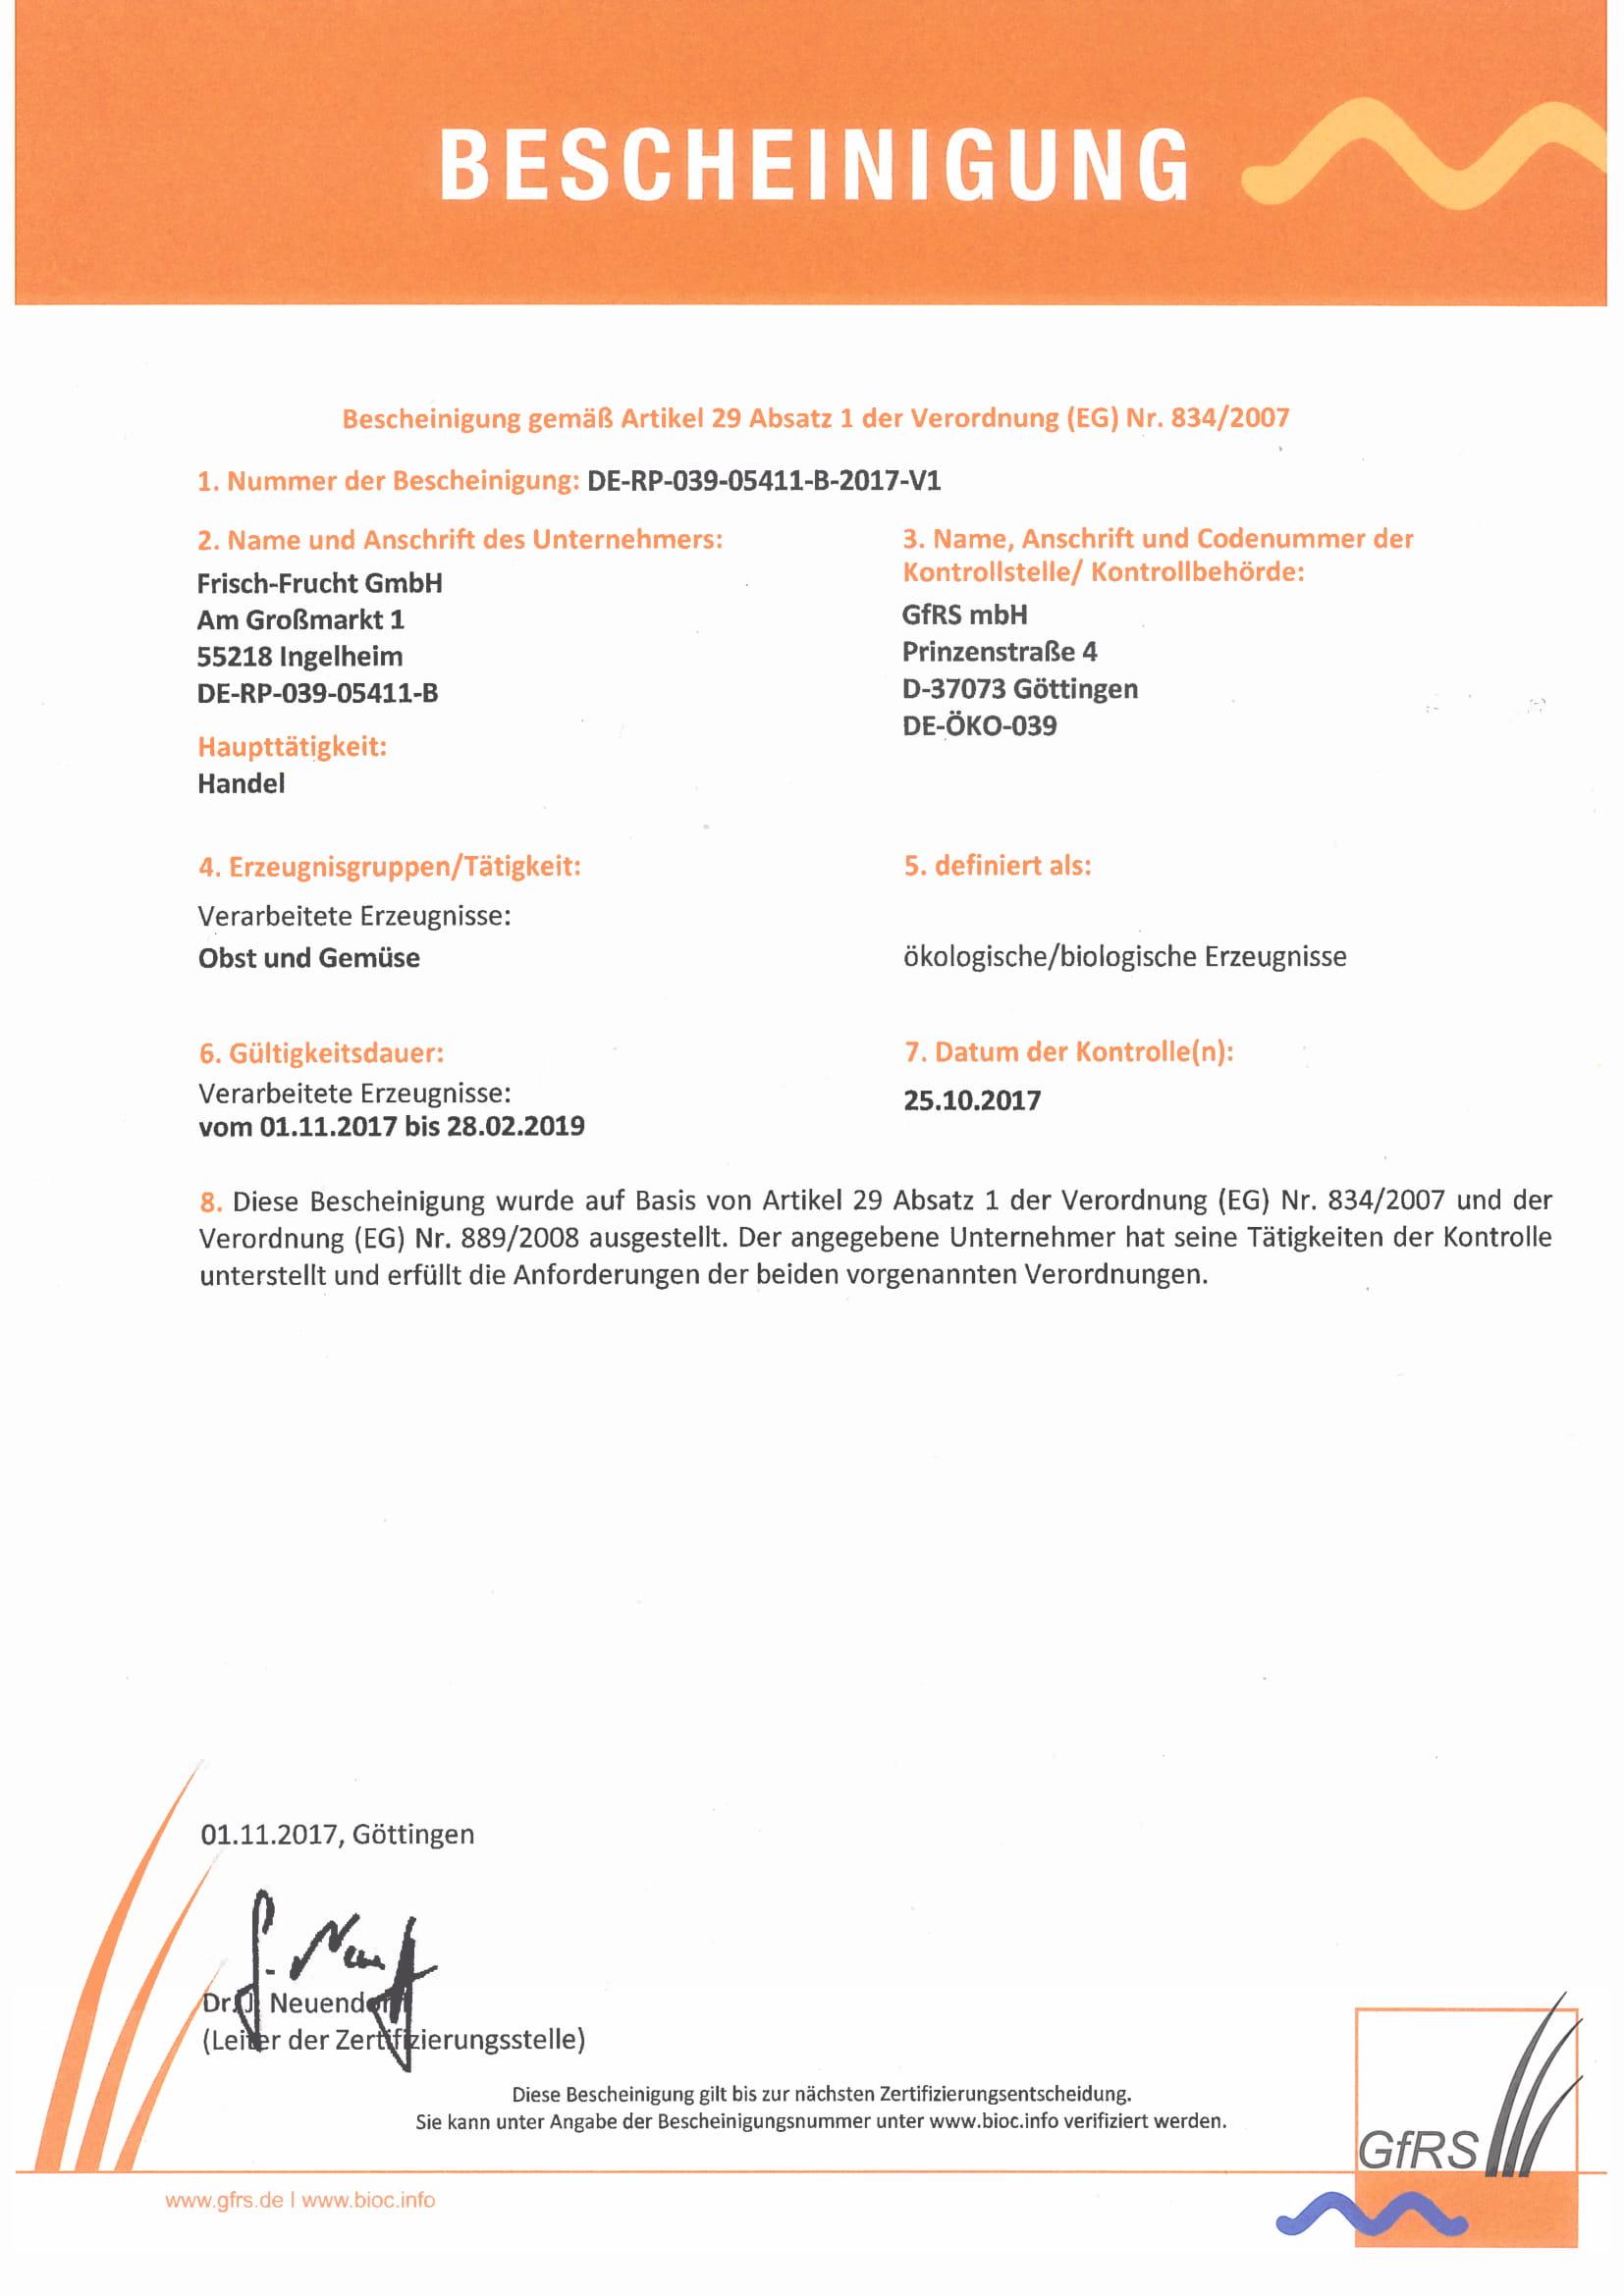 bio-zertifikat-frisch-frucht-gmbh-g-ultig-bis-28-02-2019-2